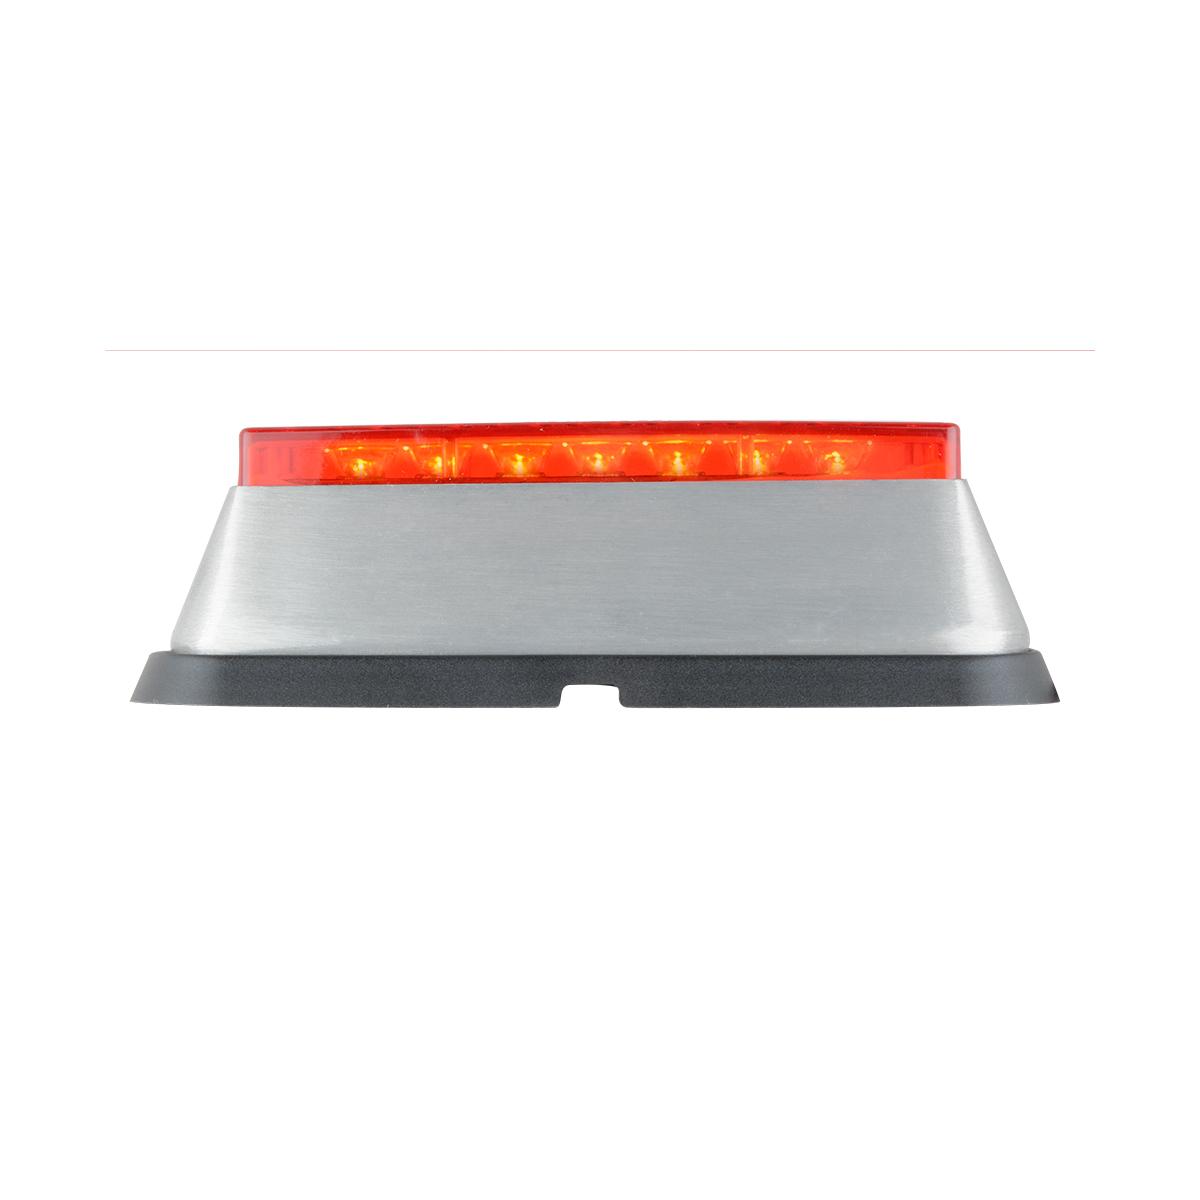 81822 Red/Red Medium Rectangular 14 LED Strobe Light